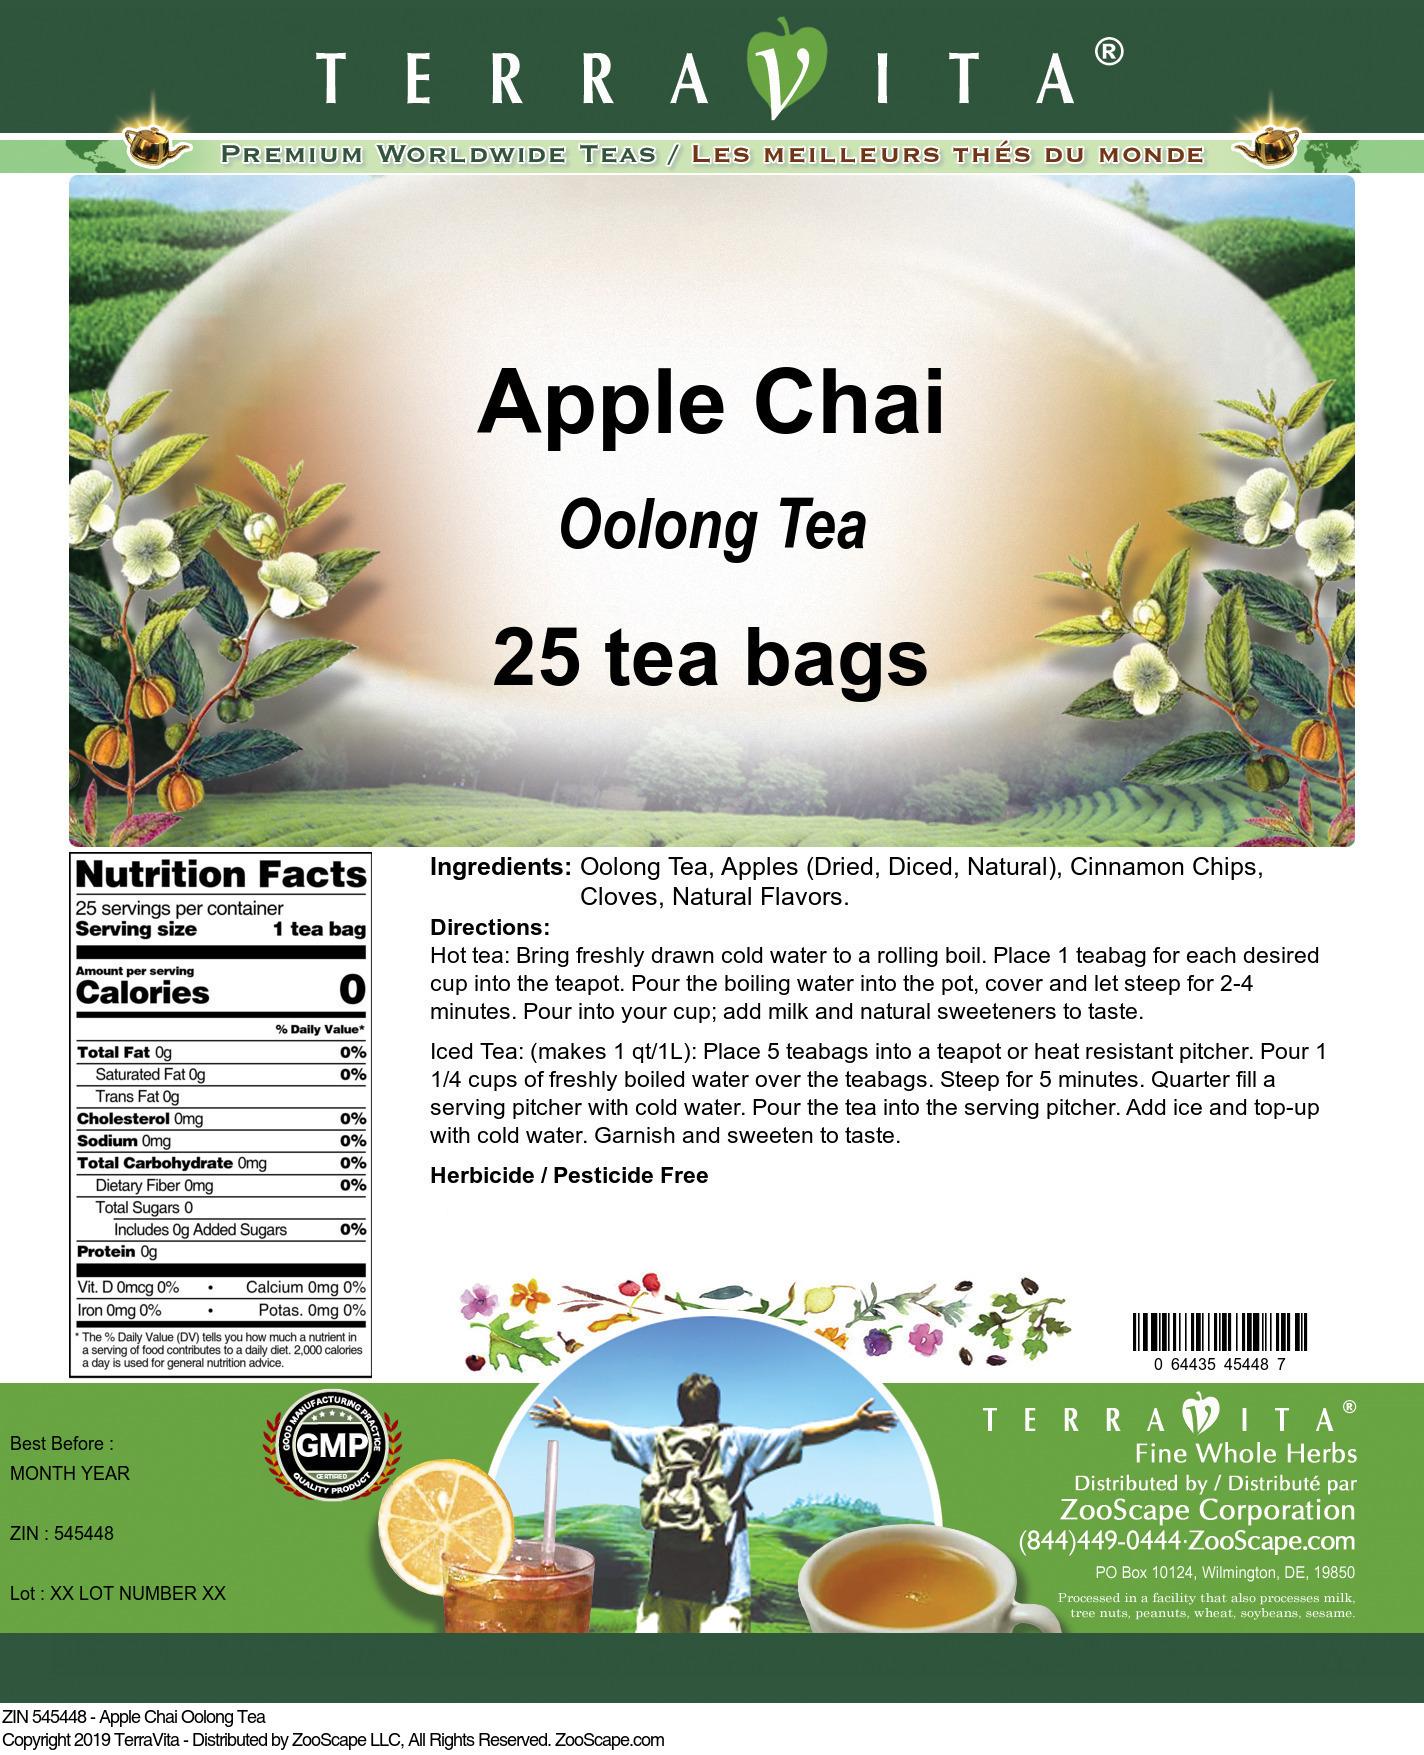 Apple Chai Oolong Tea